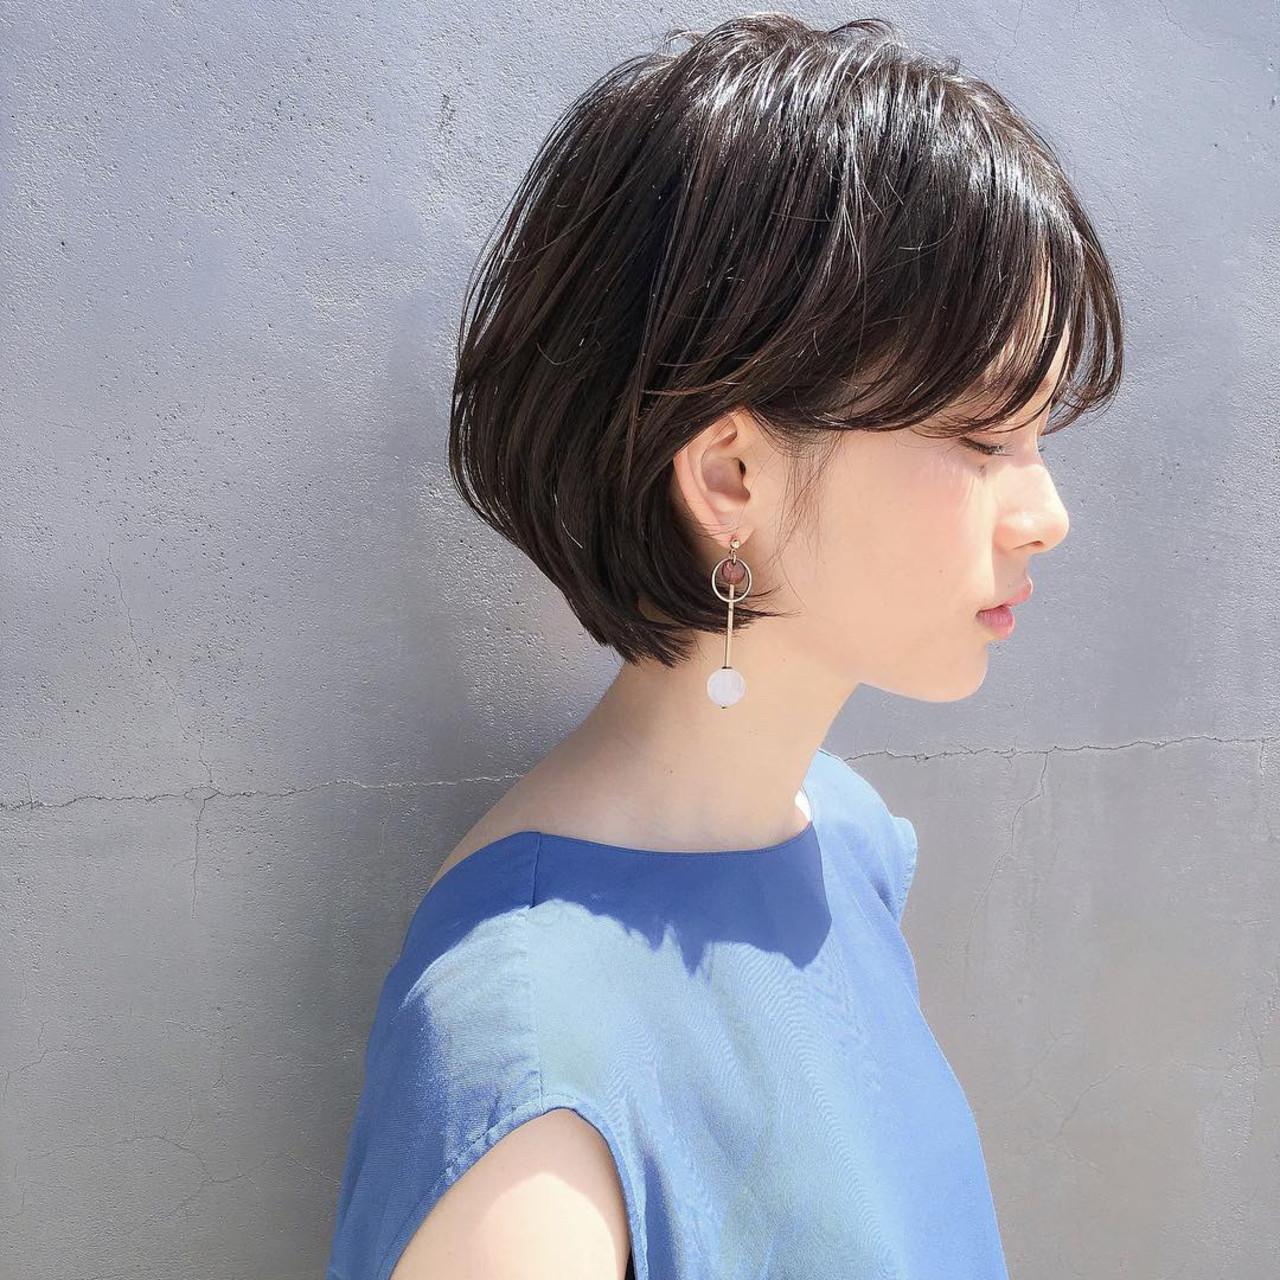 アンニュイほつれヘア ショート ナチュラル スポーツ ヘアスタイルや髪型の写真・画像